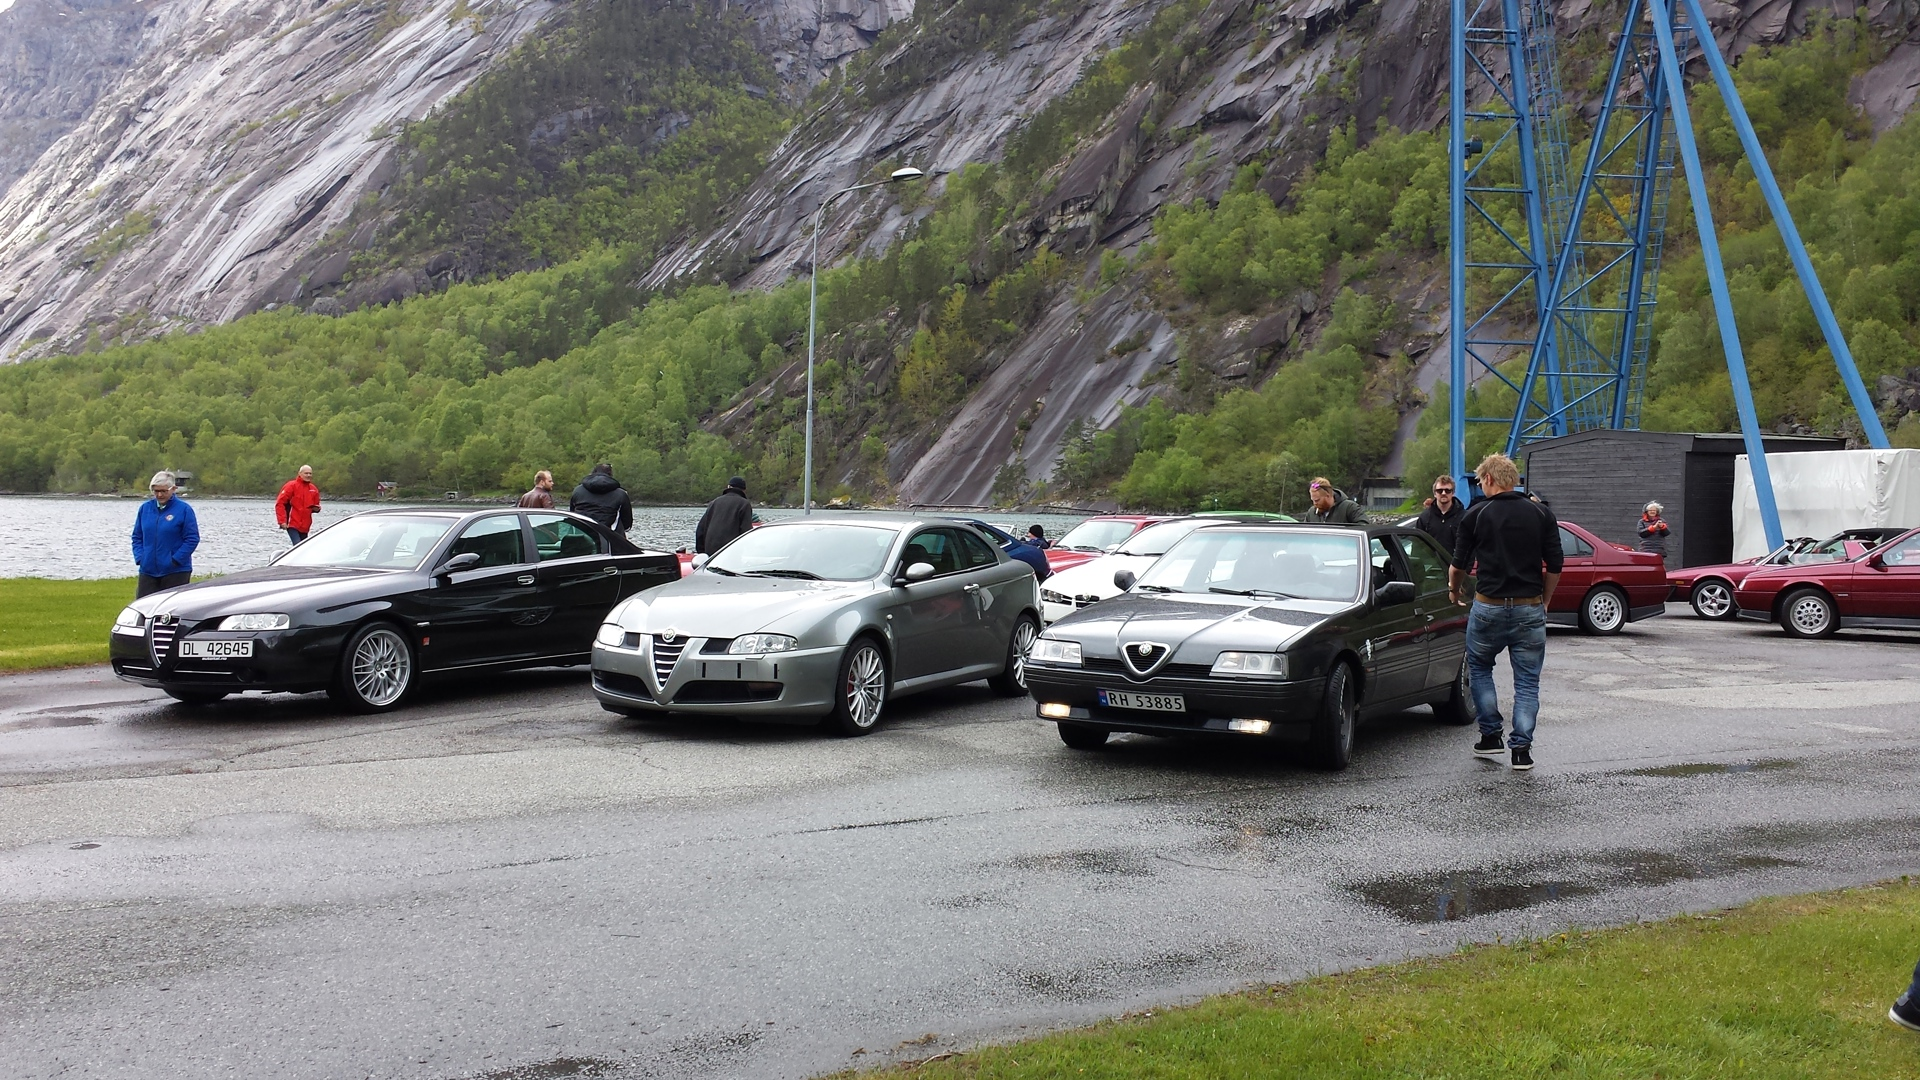 010 Kjõretur til Sima kraftverk.jpg